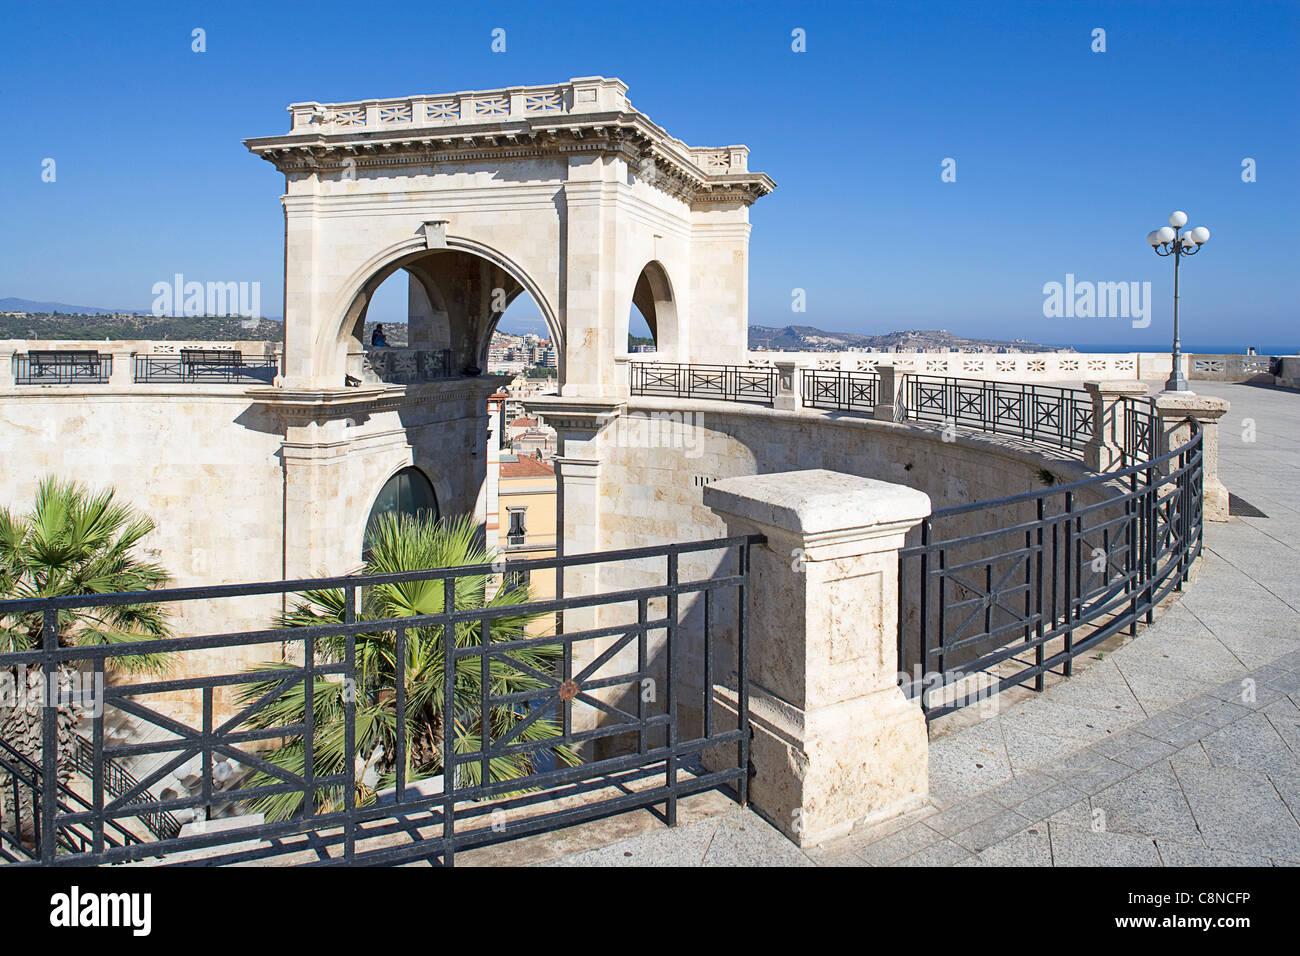 Italie, Sardaigne, Cagliari, quartier de Castello, Bastione di San Remy terrasse, Arc de Triomphe Photo Stock